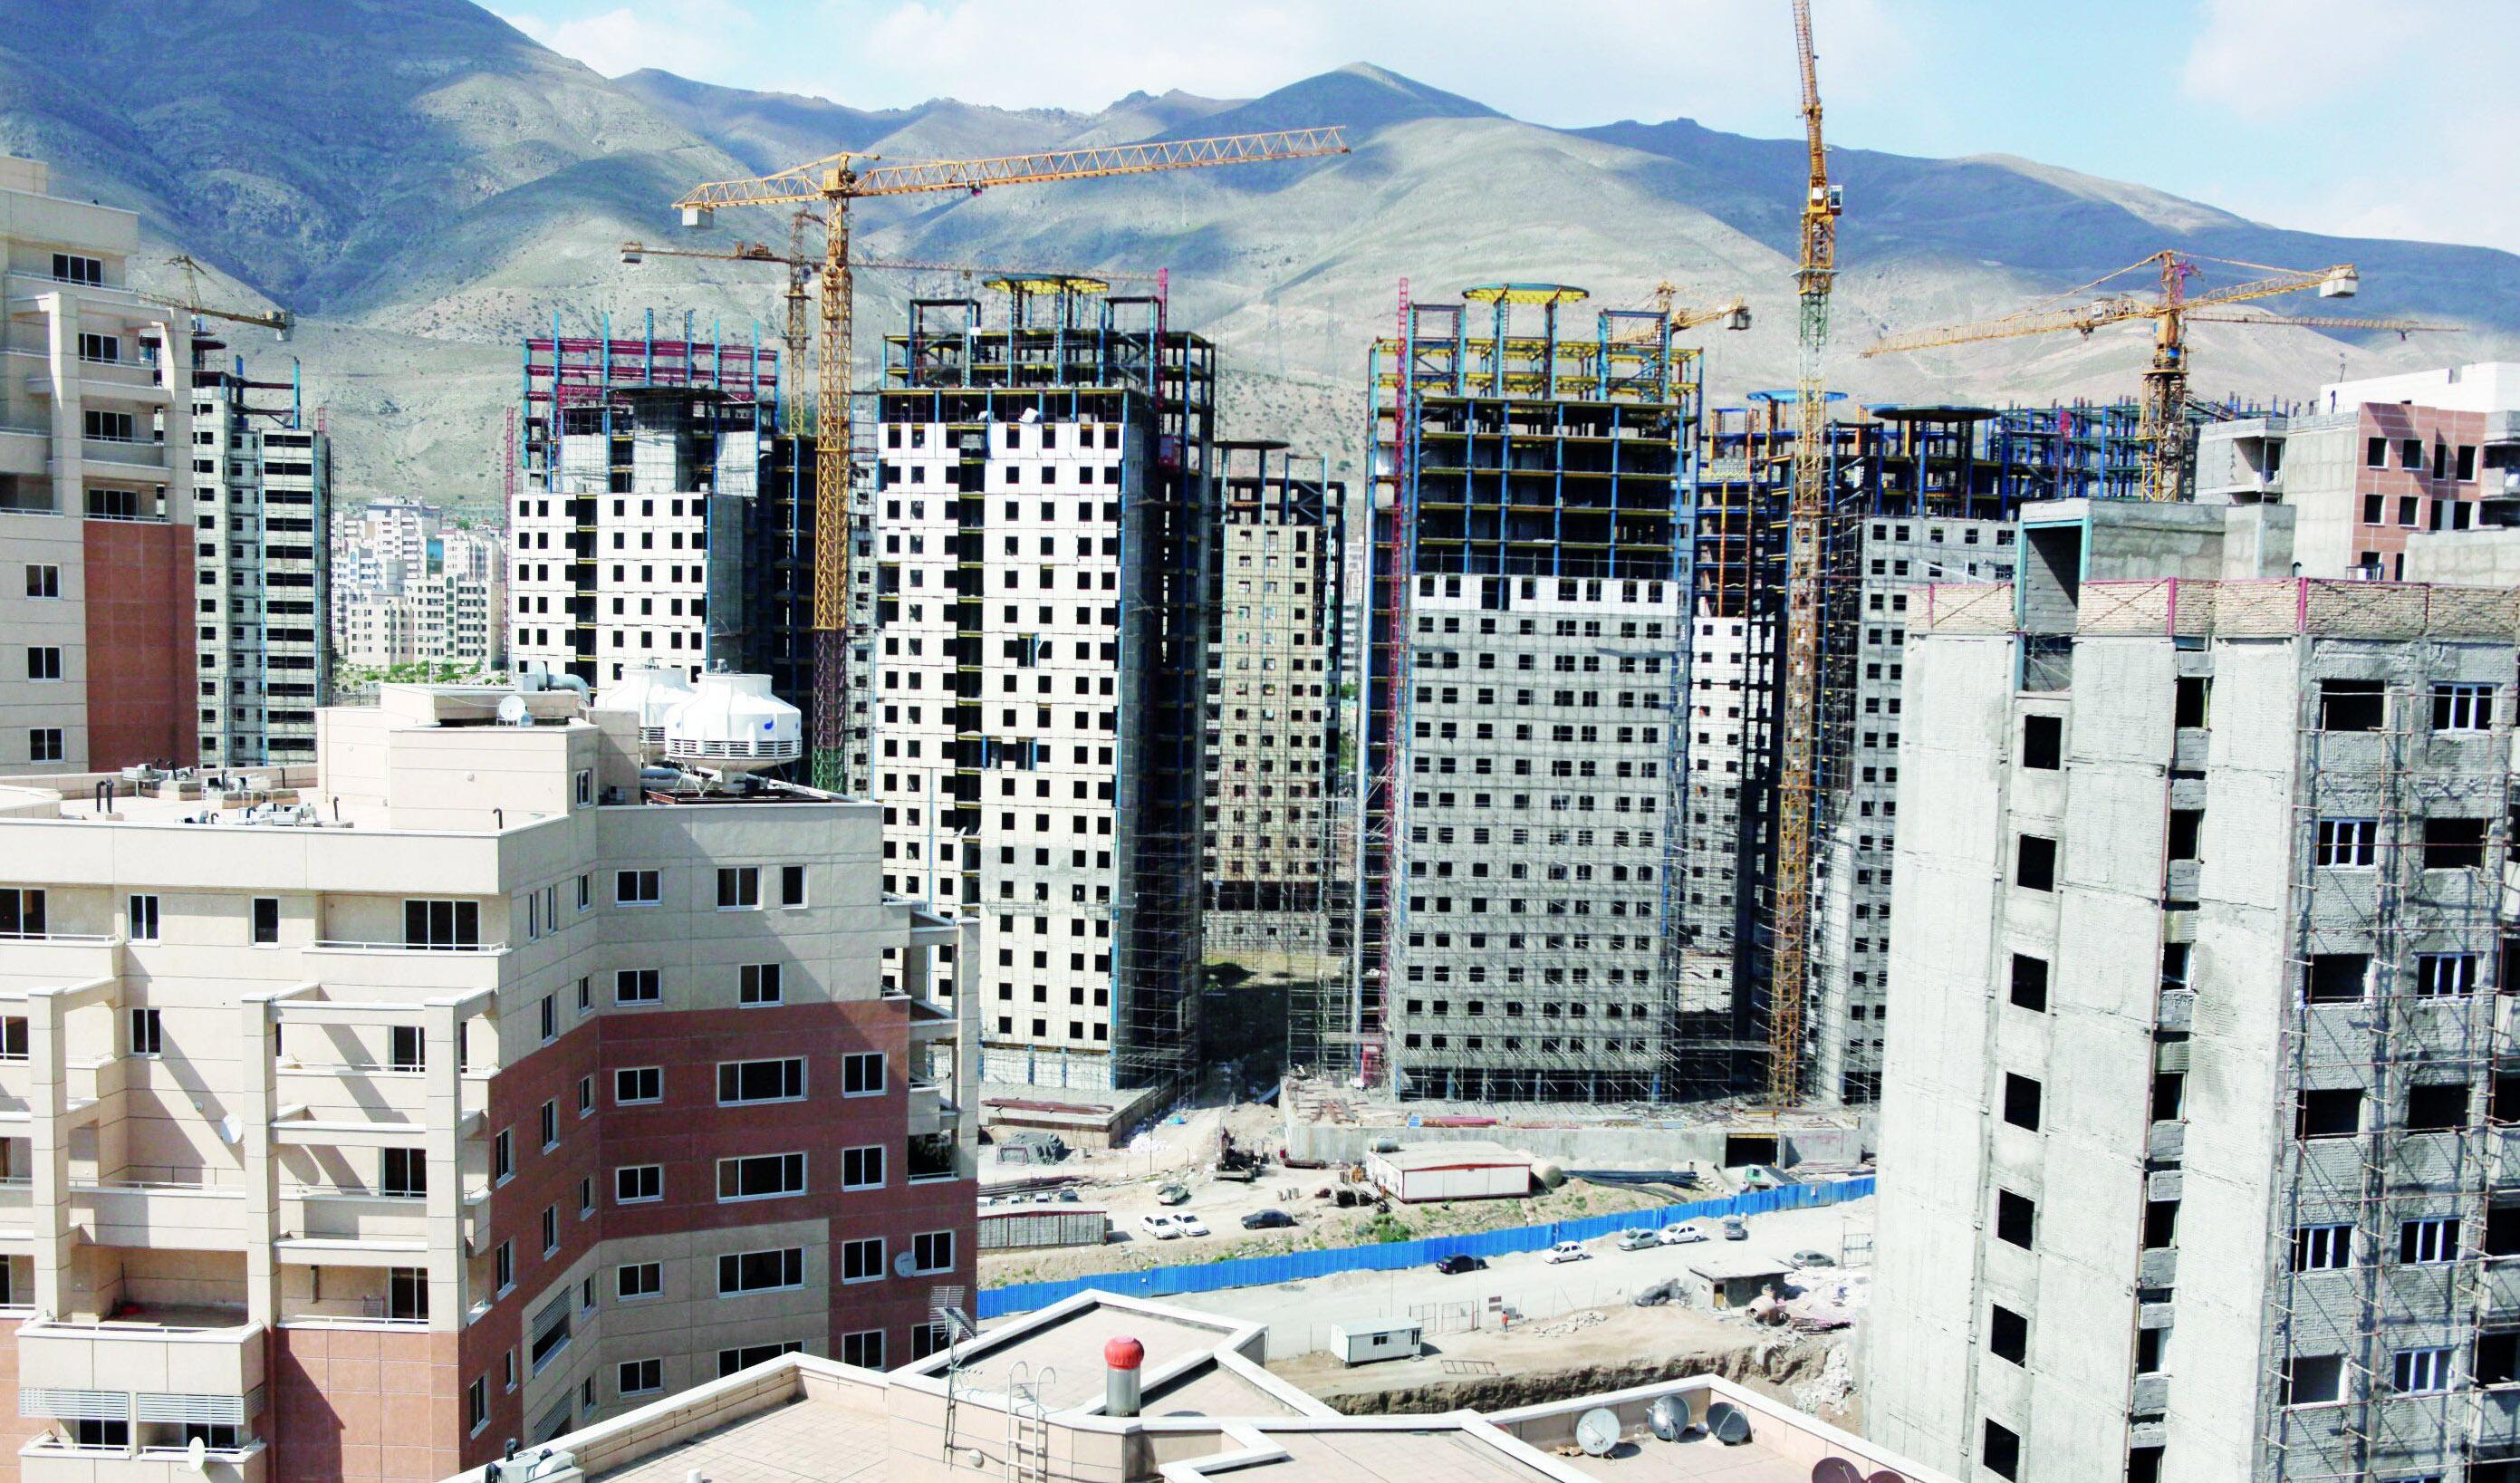 ساخت مسکن در تهران چقدر تمام می شود؟